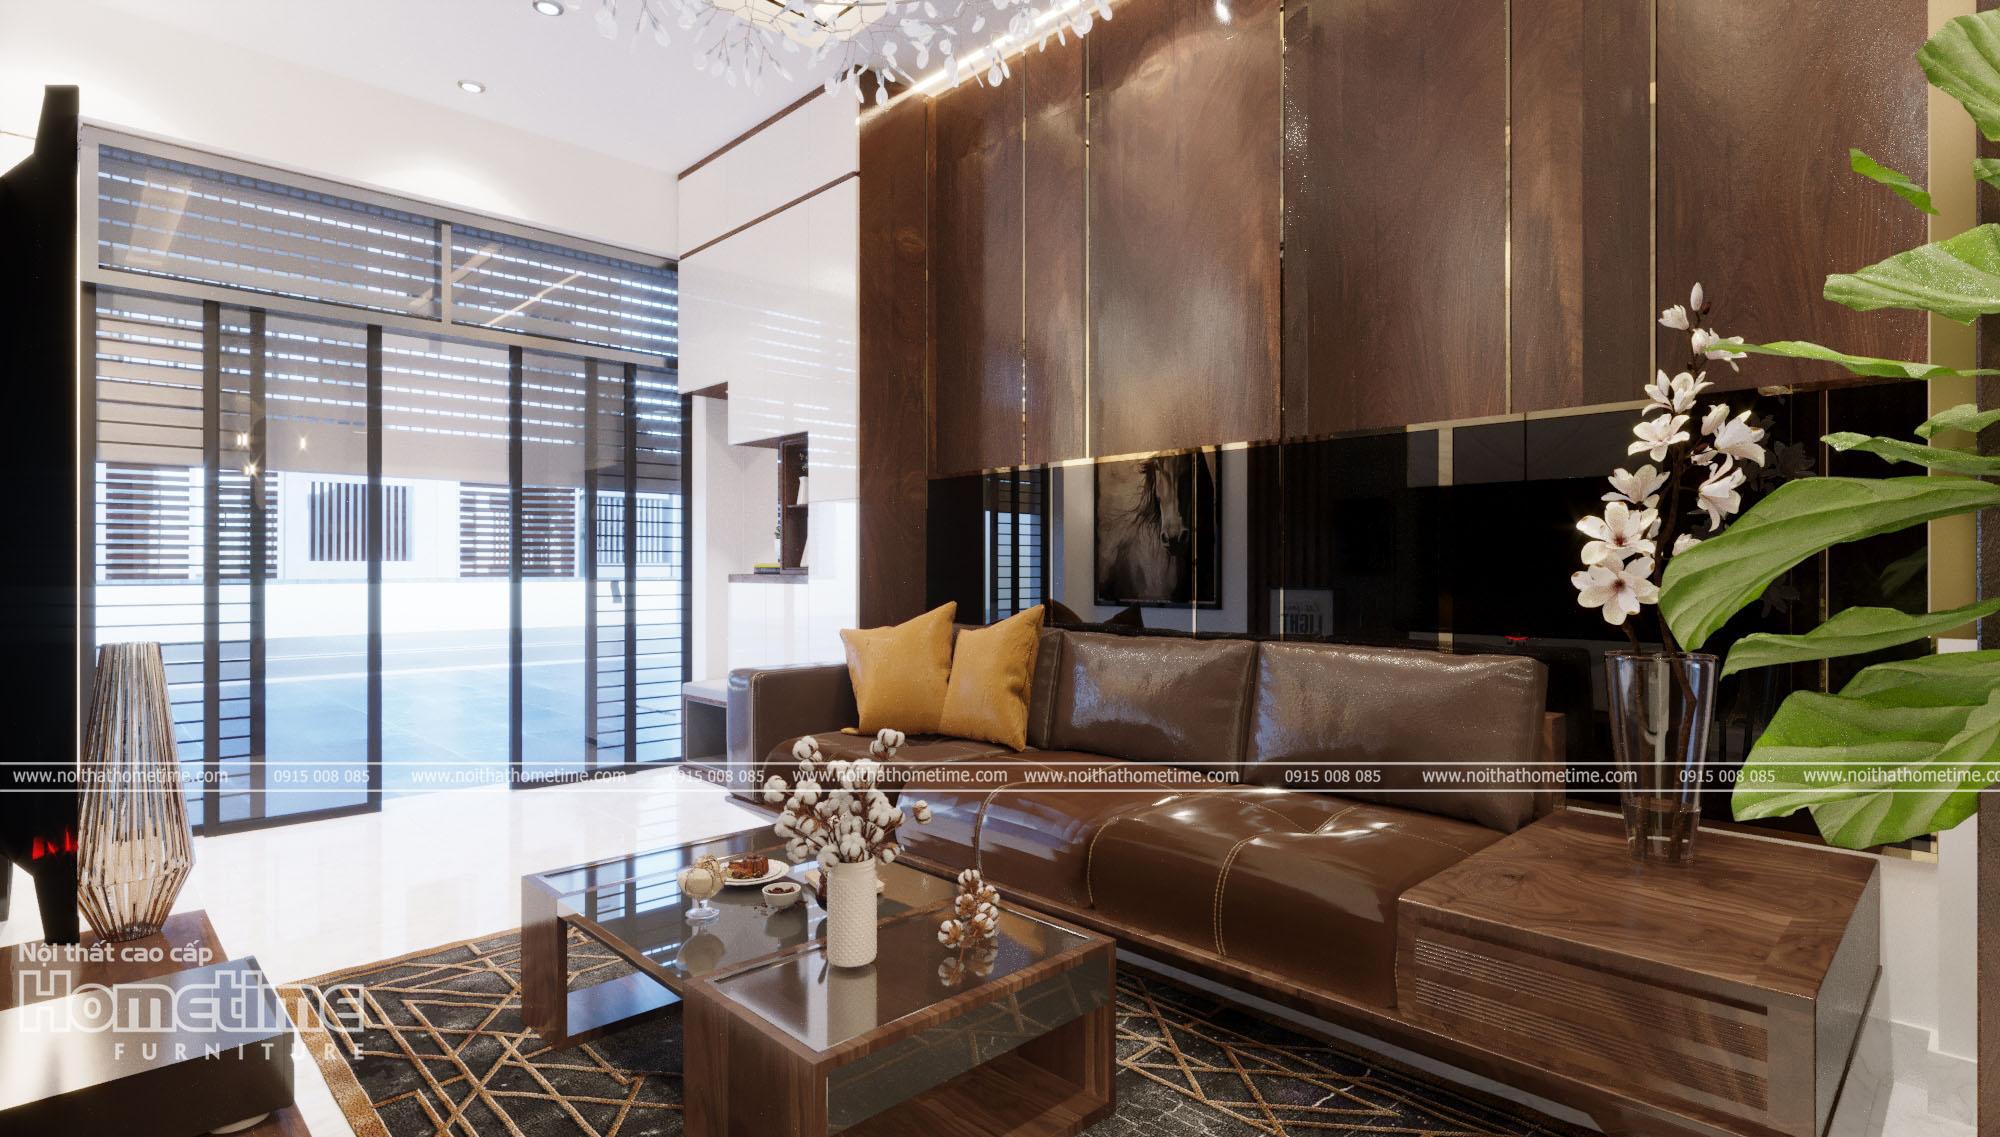 Bộ bàn trà, sofa đồng bộ với vách trang trí